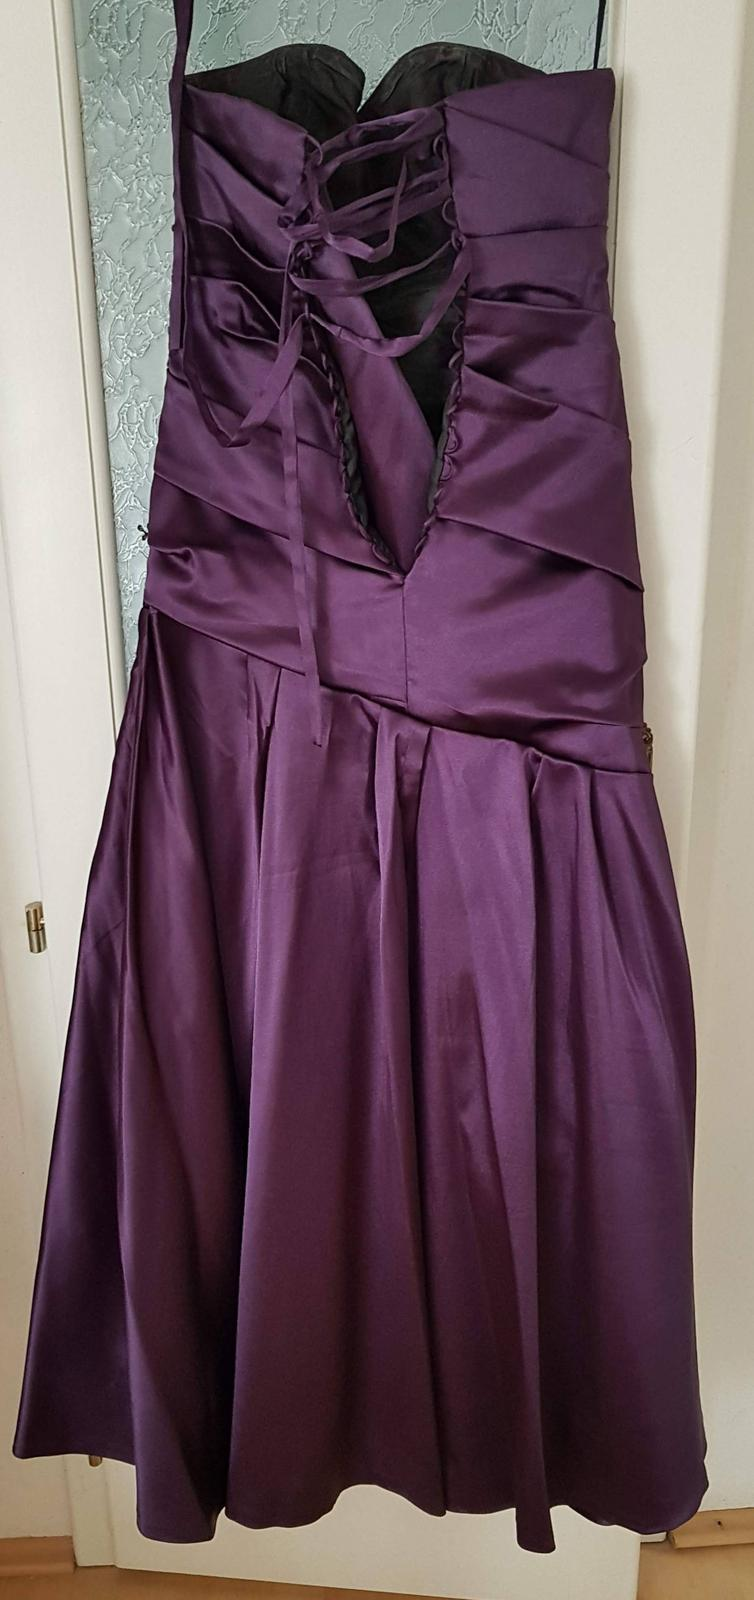 Spoločenké šaty 38-40 - Obrázok č. 2